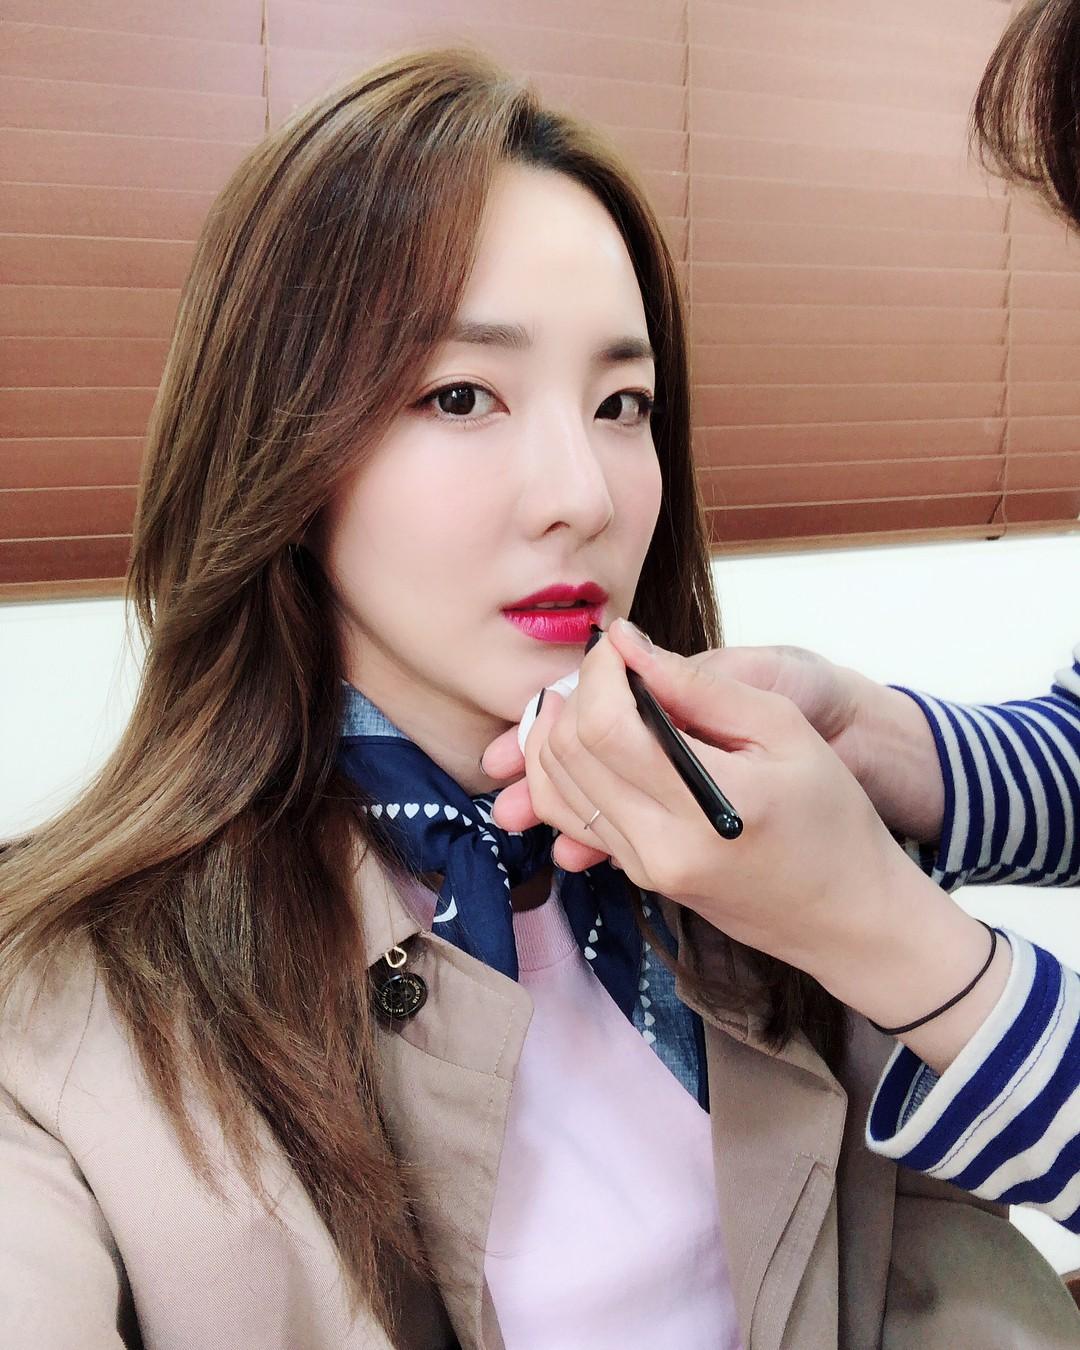 Không ngờ người đẹp không tuổi Dara U40 lại có cách níu giữ tuổi xuân đơn giản đến vậy - Ảnh 9.